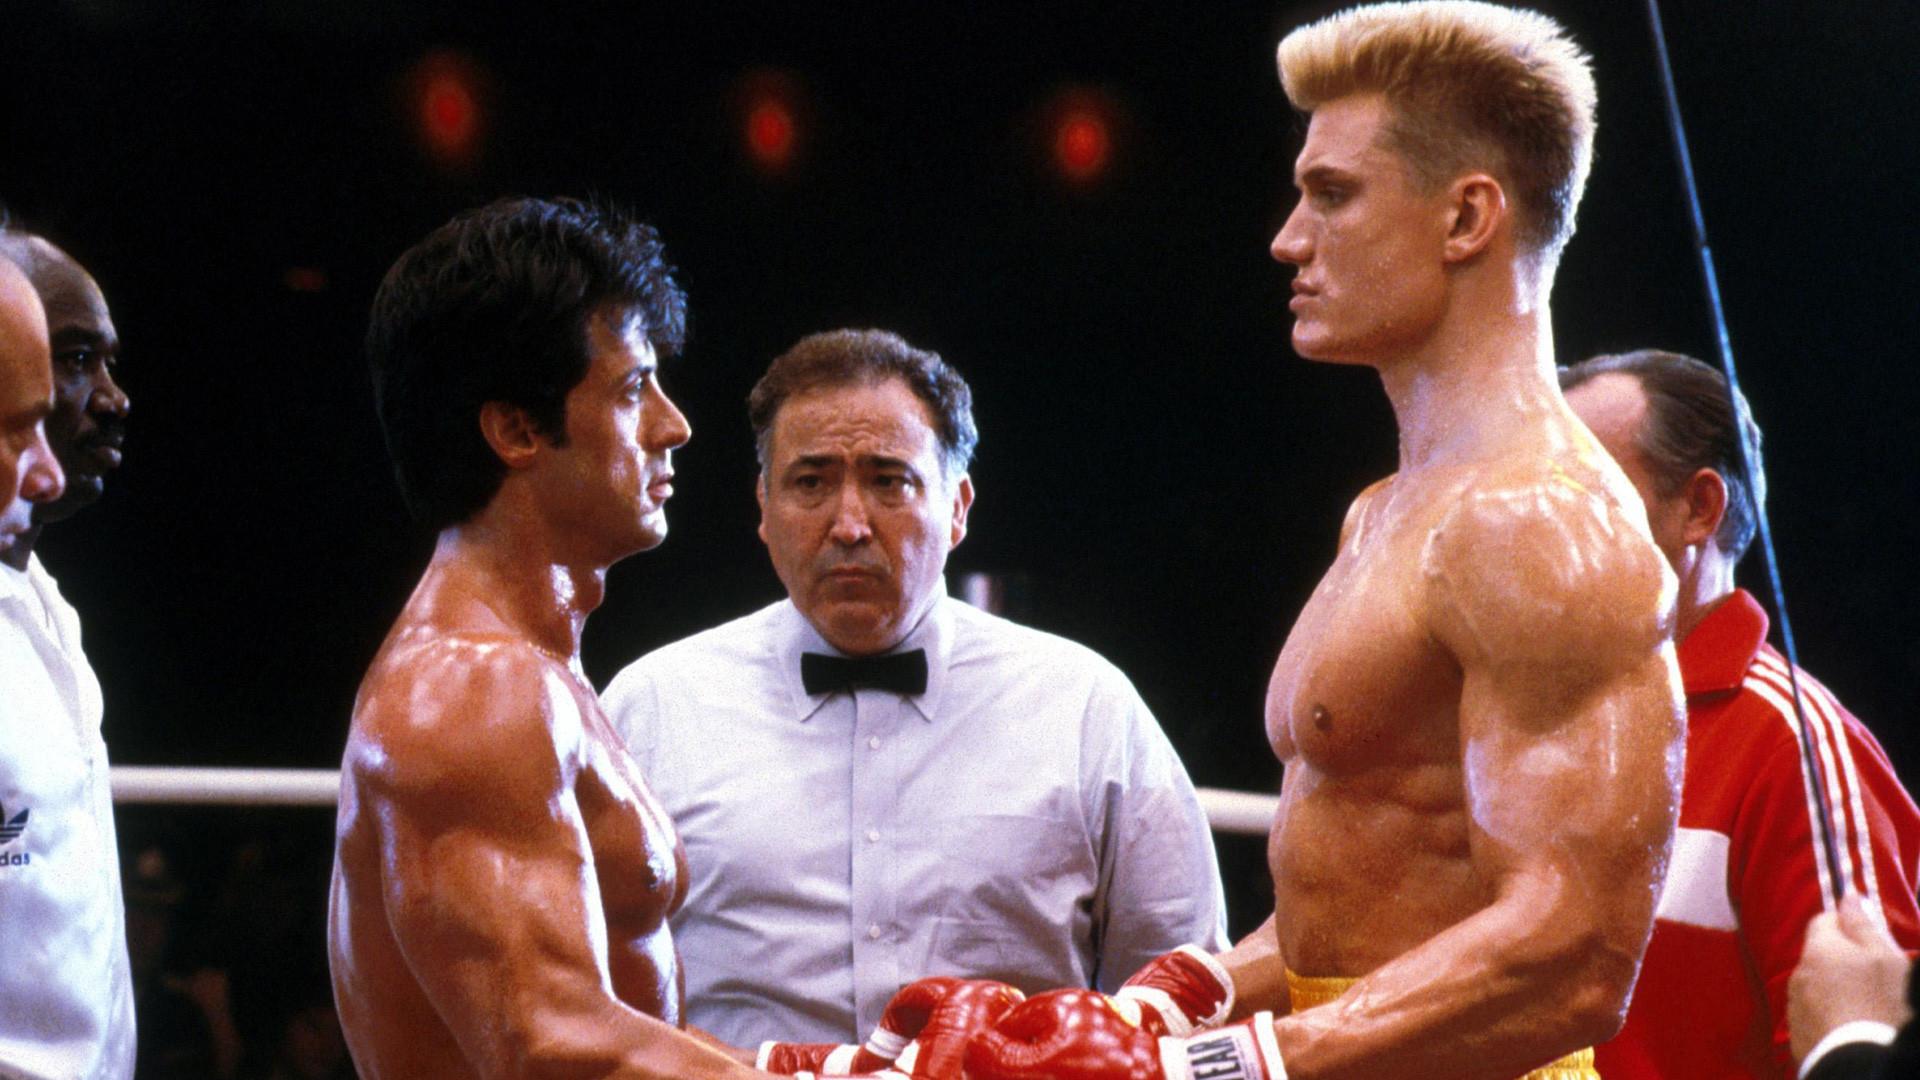 Роки IV (1985)